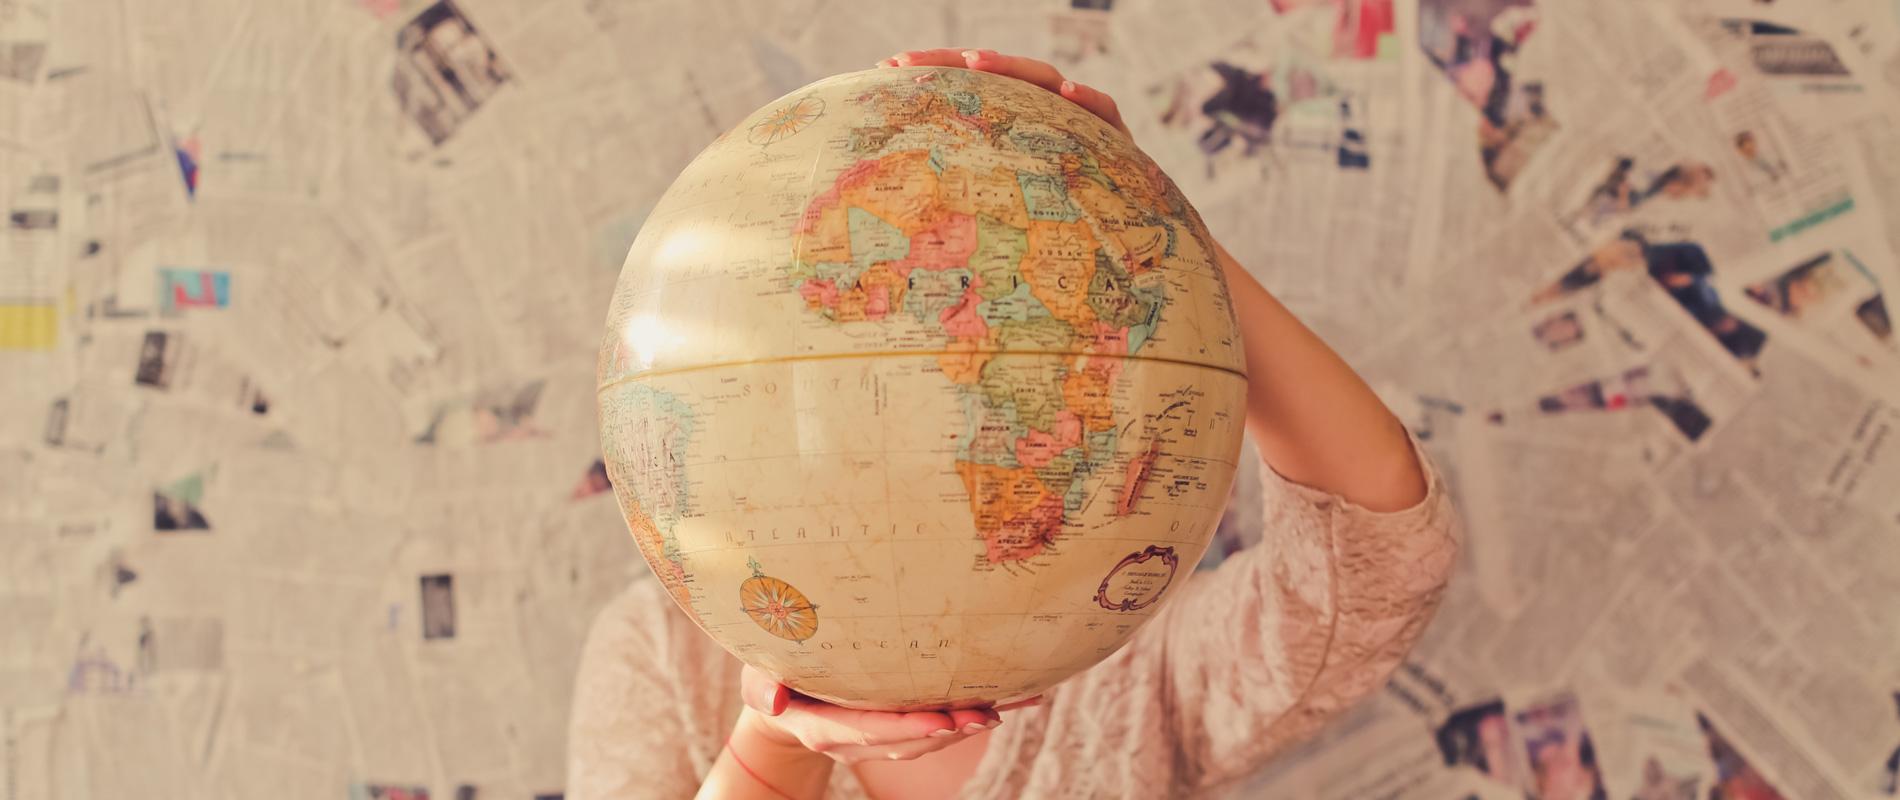 Bild von einer großen Weltkugel